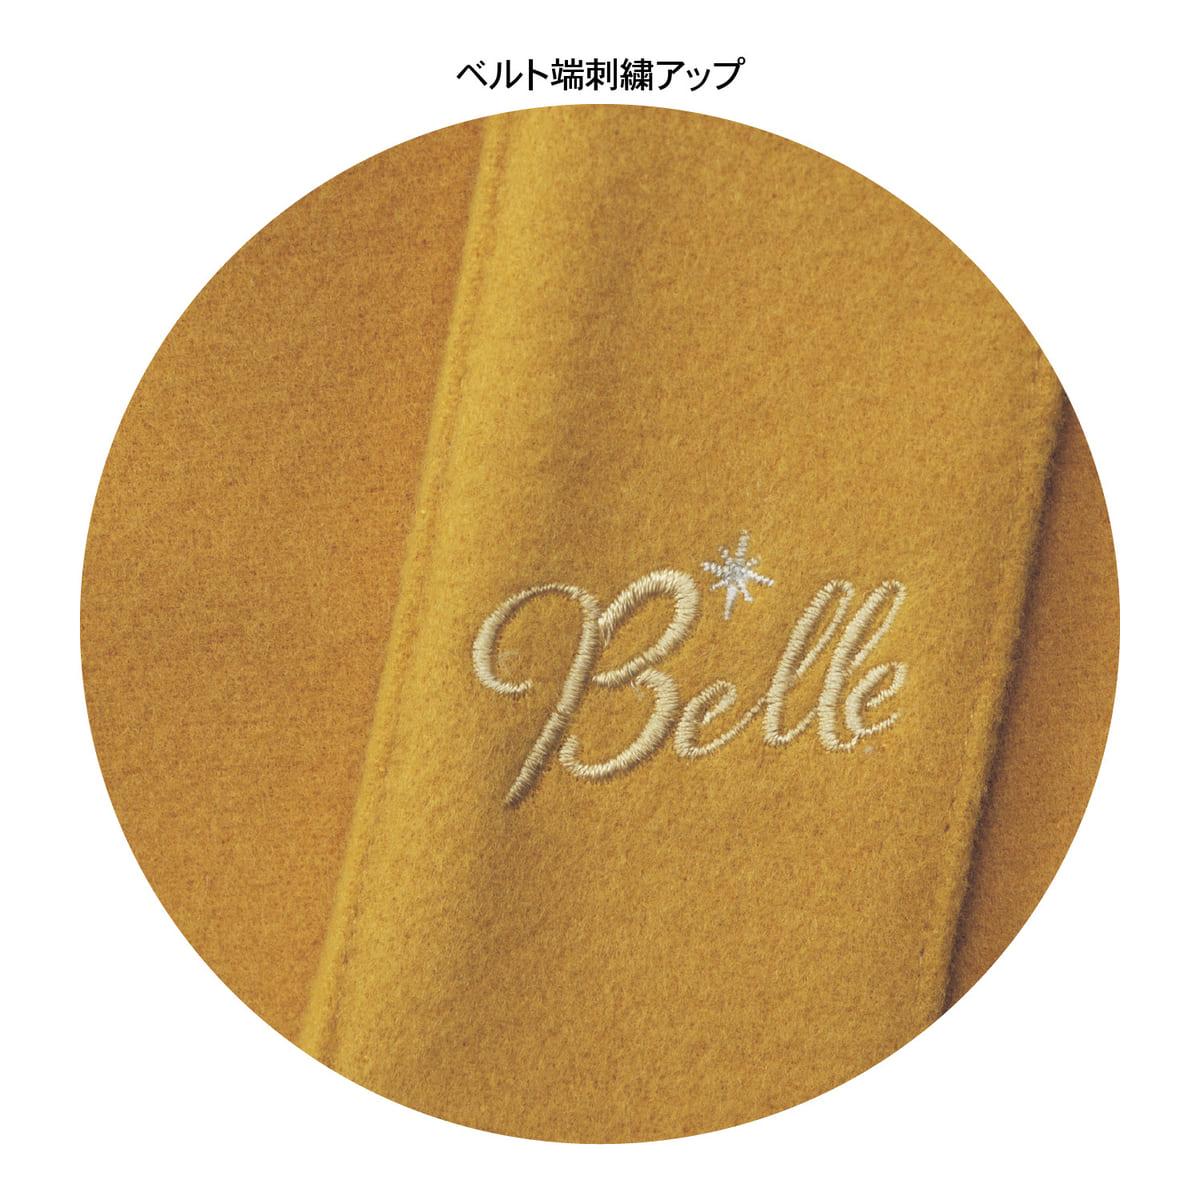 取り外し出来るフェイクファーカフス付きプリンセス刺繍コート ベル ベルト刺繍